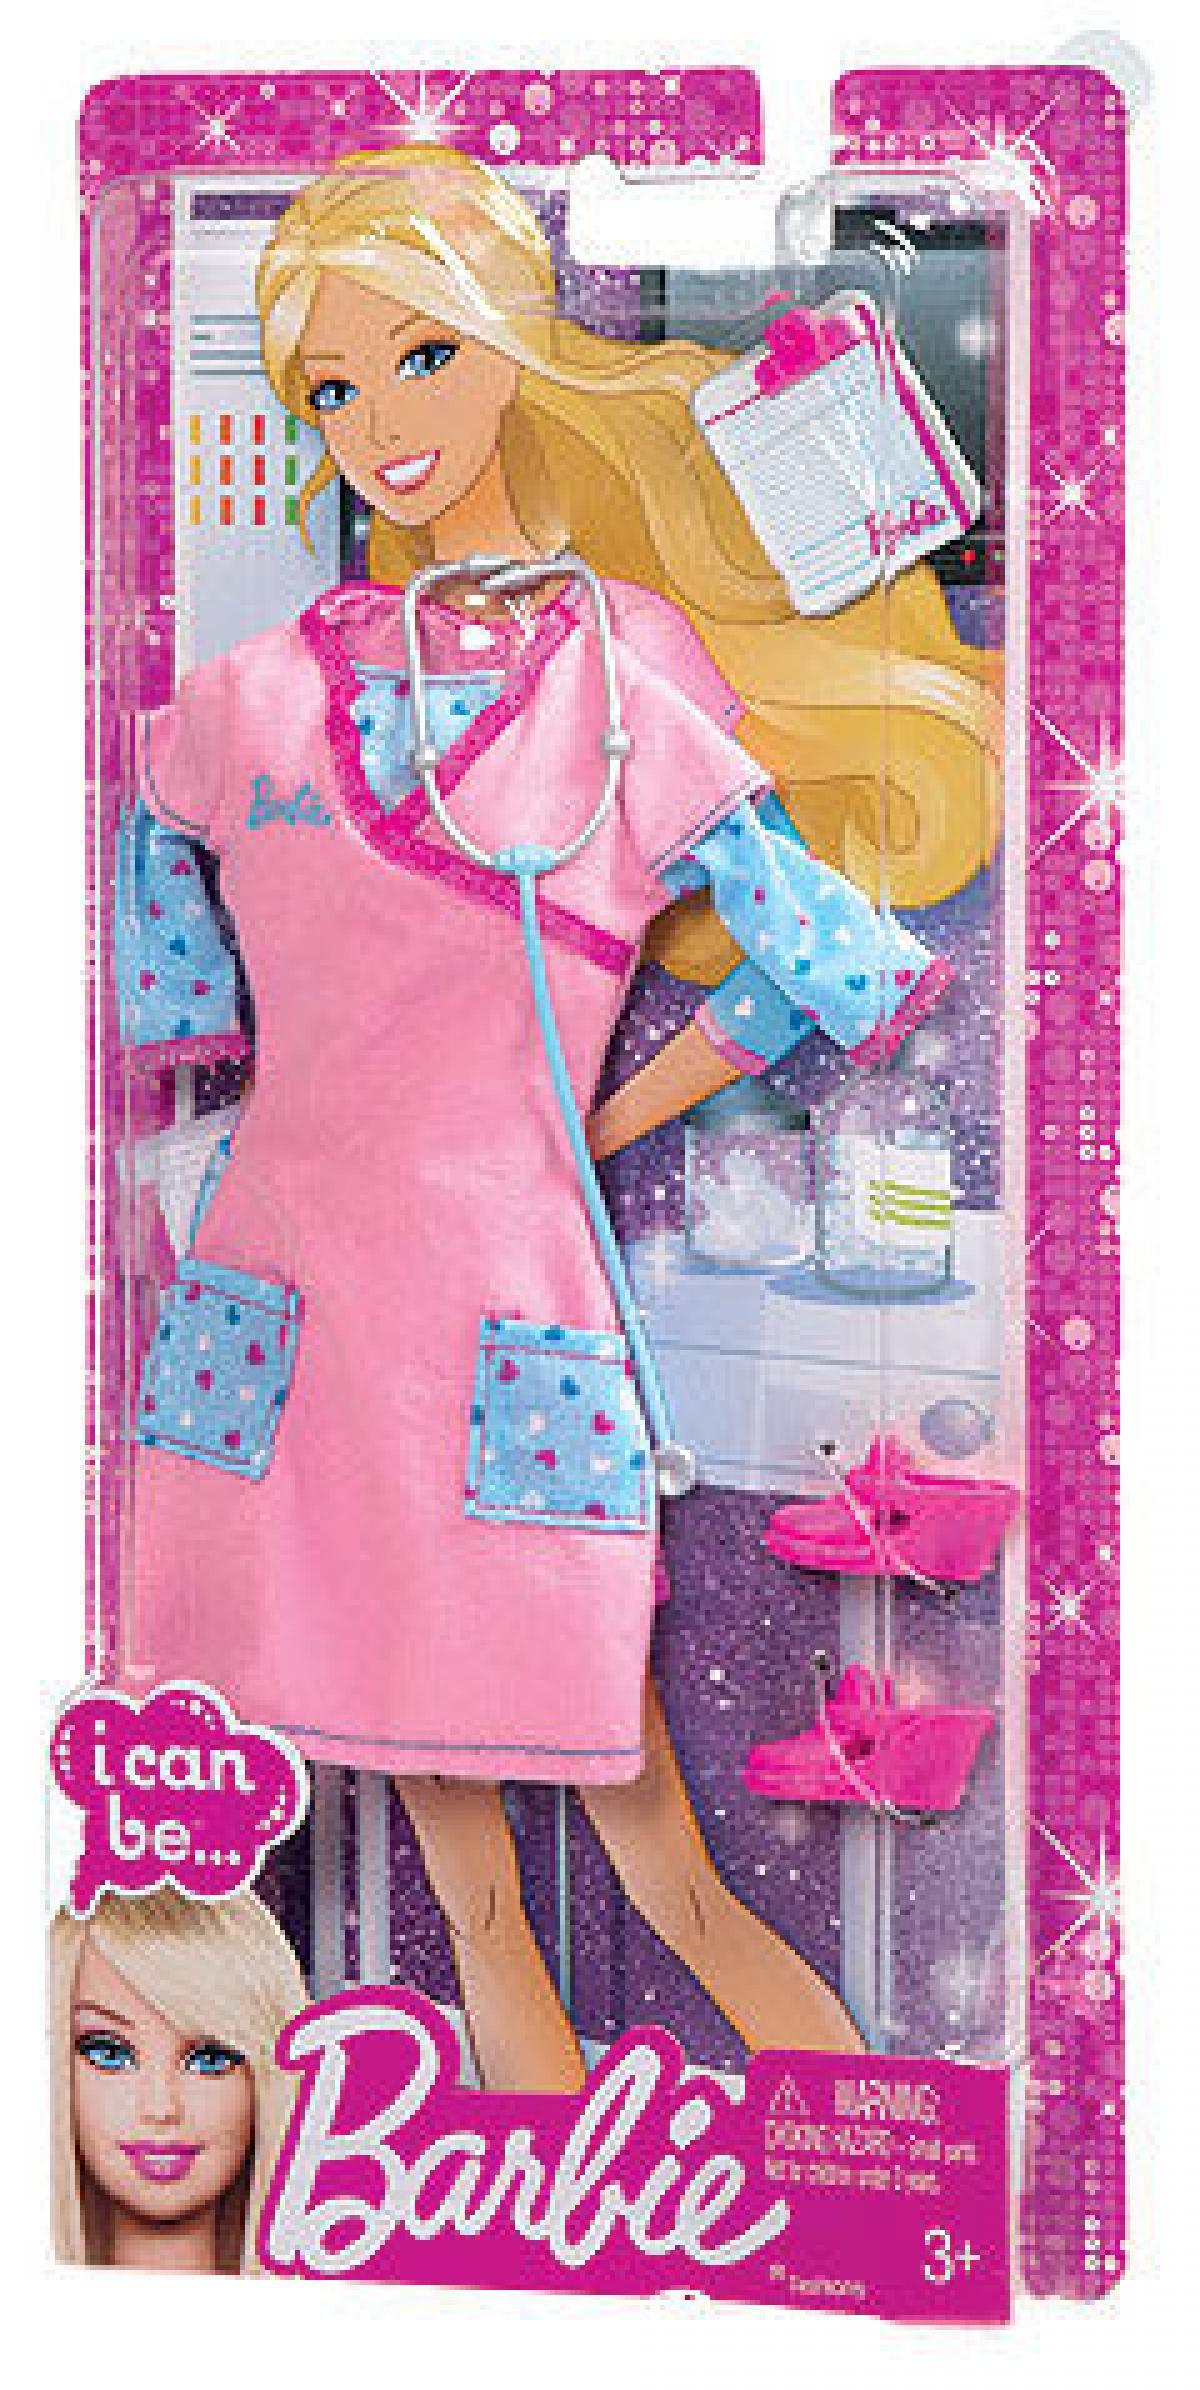 preissturz barbie set ich w r gern mode krankenschwester kleidung gratis barbie puppe. Black Bedroom Furniture Sets. Home Design Ideas